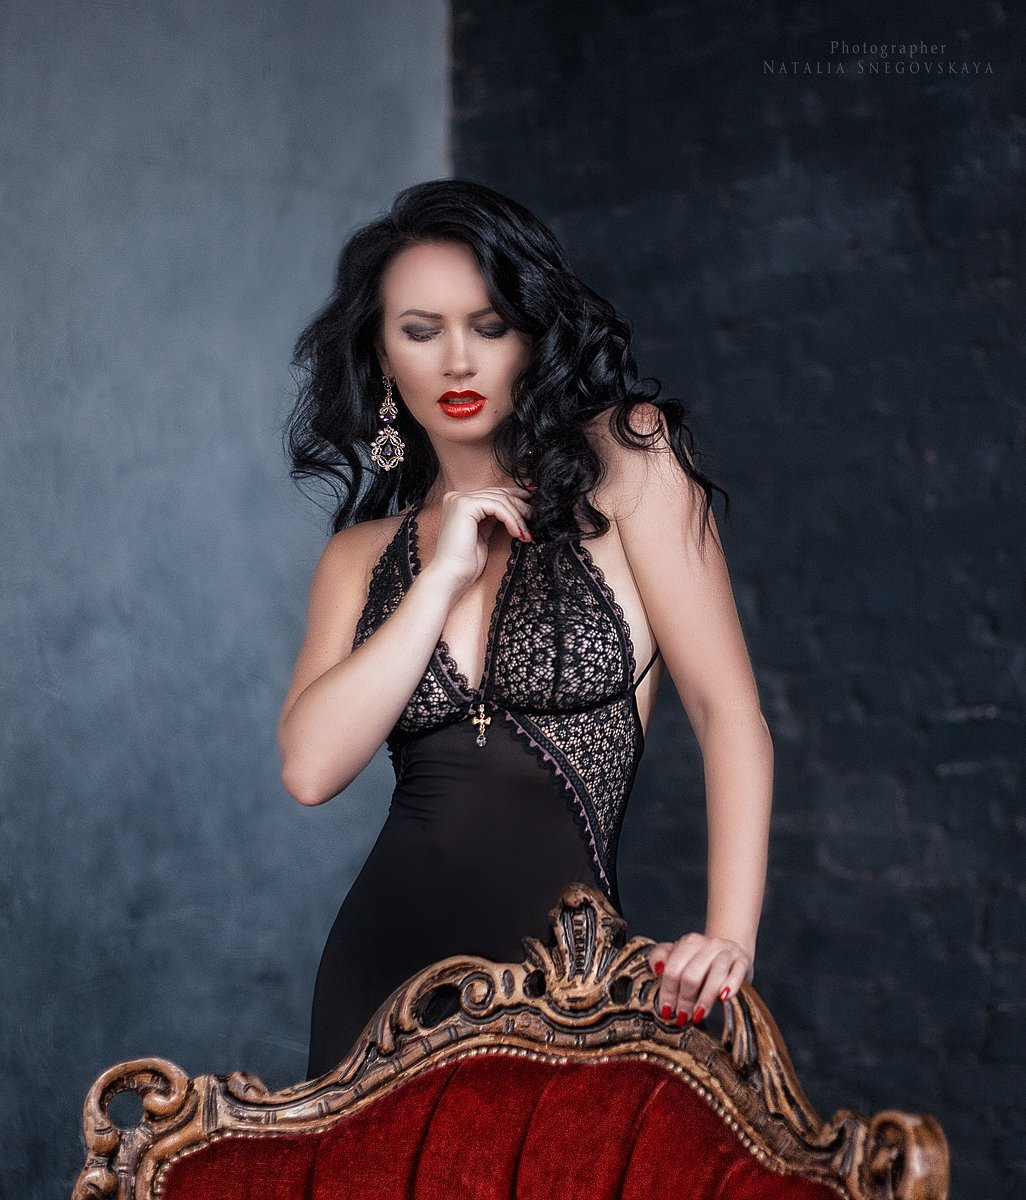 , Snegovskaya Natalia